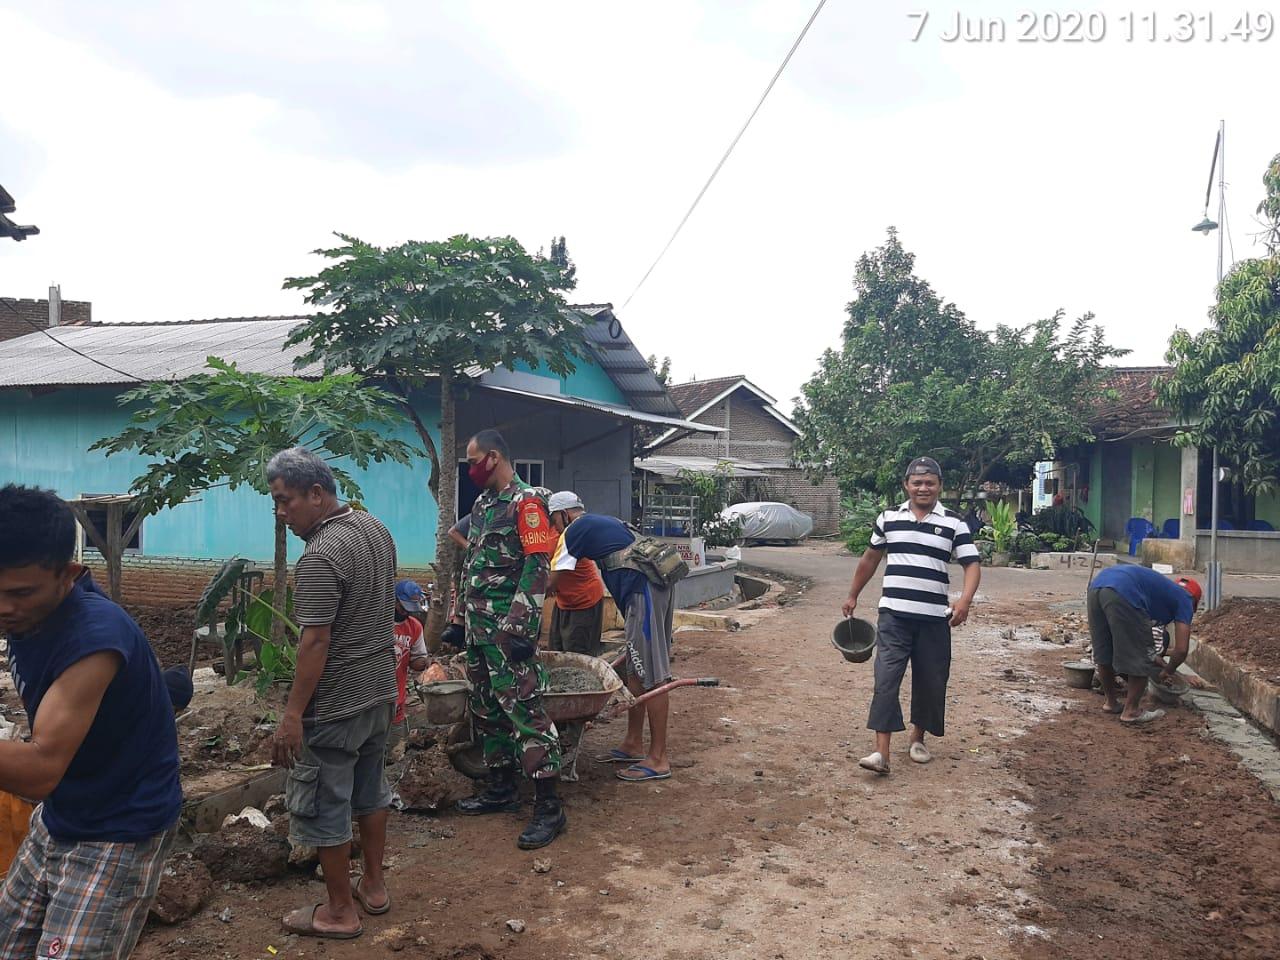 Babinsa Susunan Baru Koramil 410-05/TKP Kodim 0410/KBL bantu warga membangun Saluran air